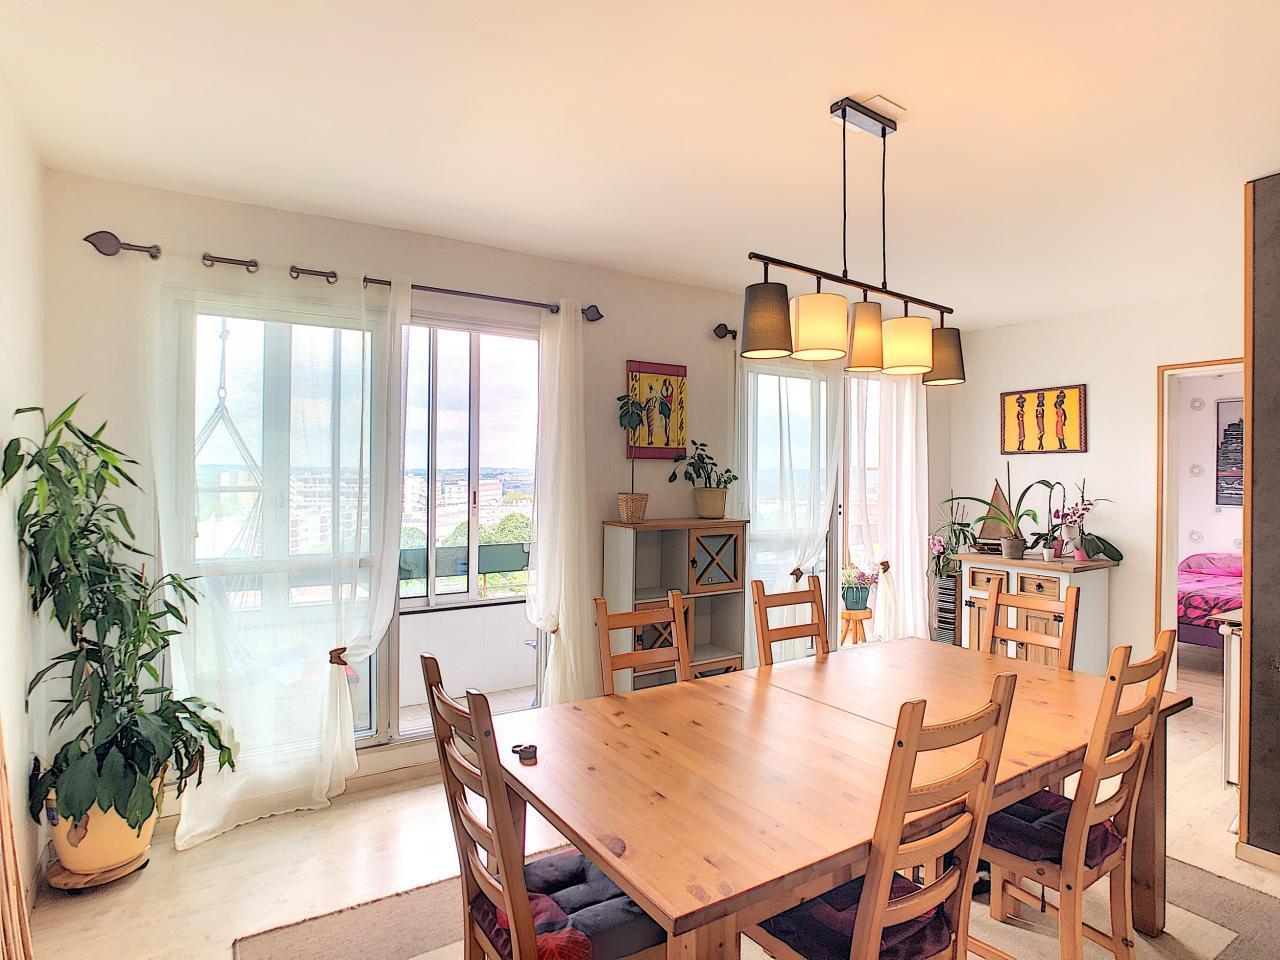 BREST : agréable appartement T4/5 avec jolie vue dégagée et sans vis-à-vis